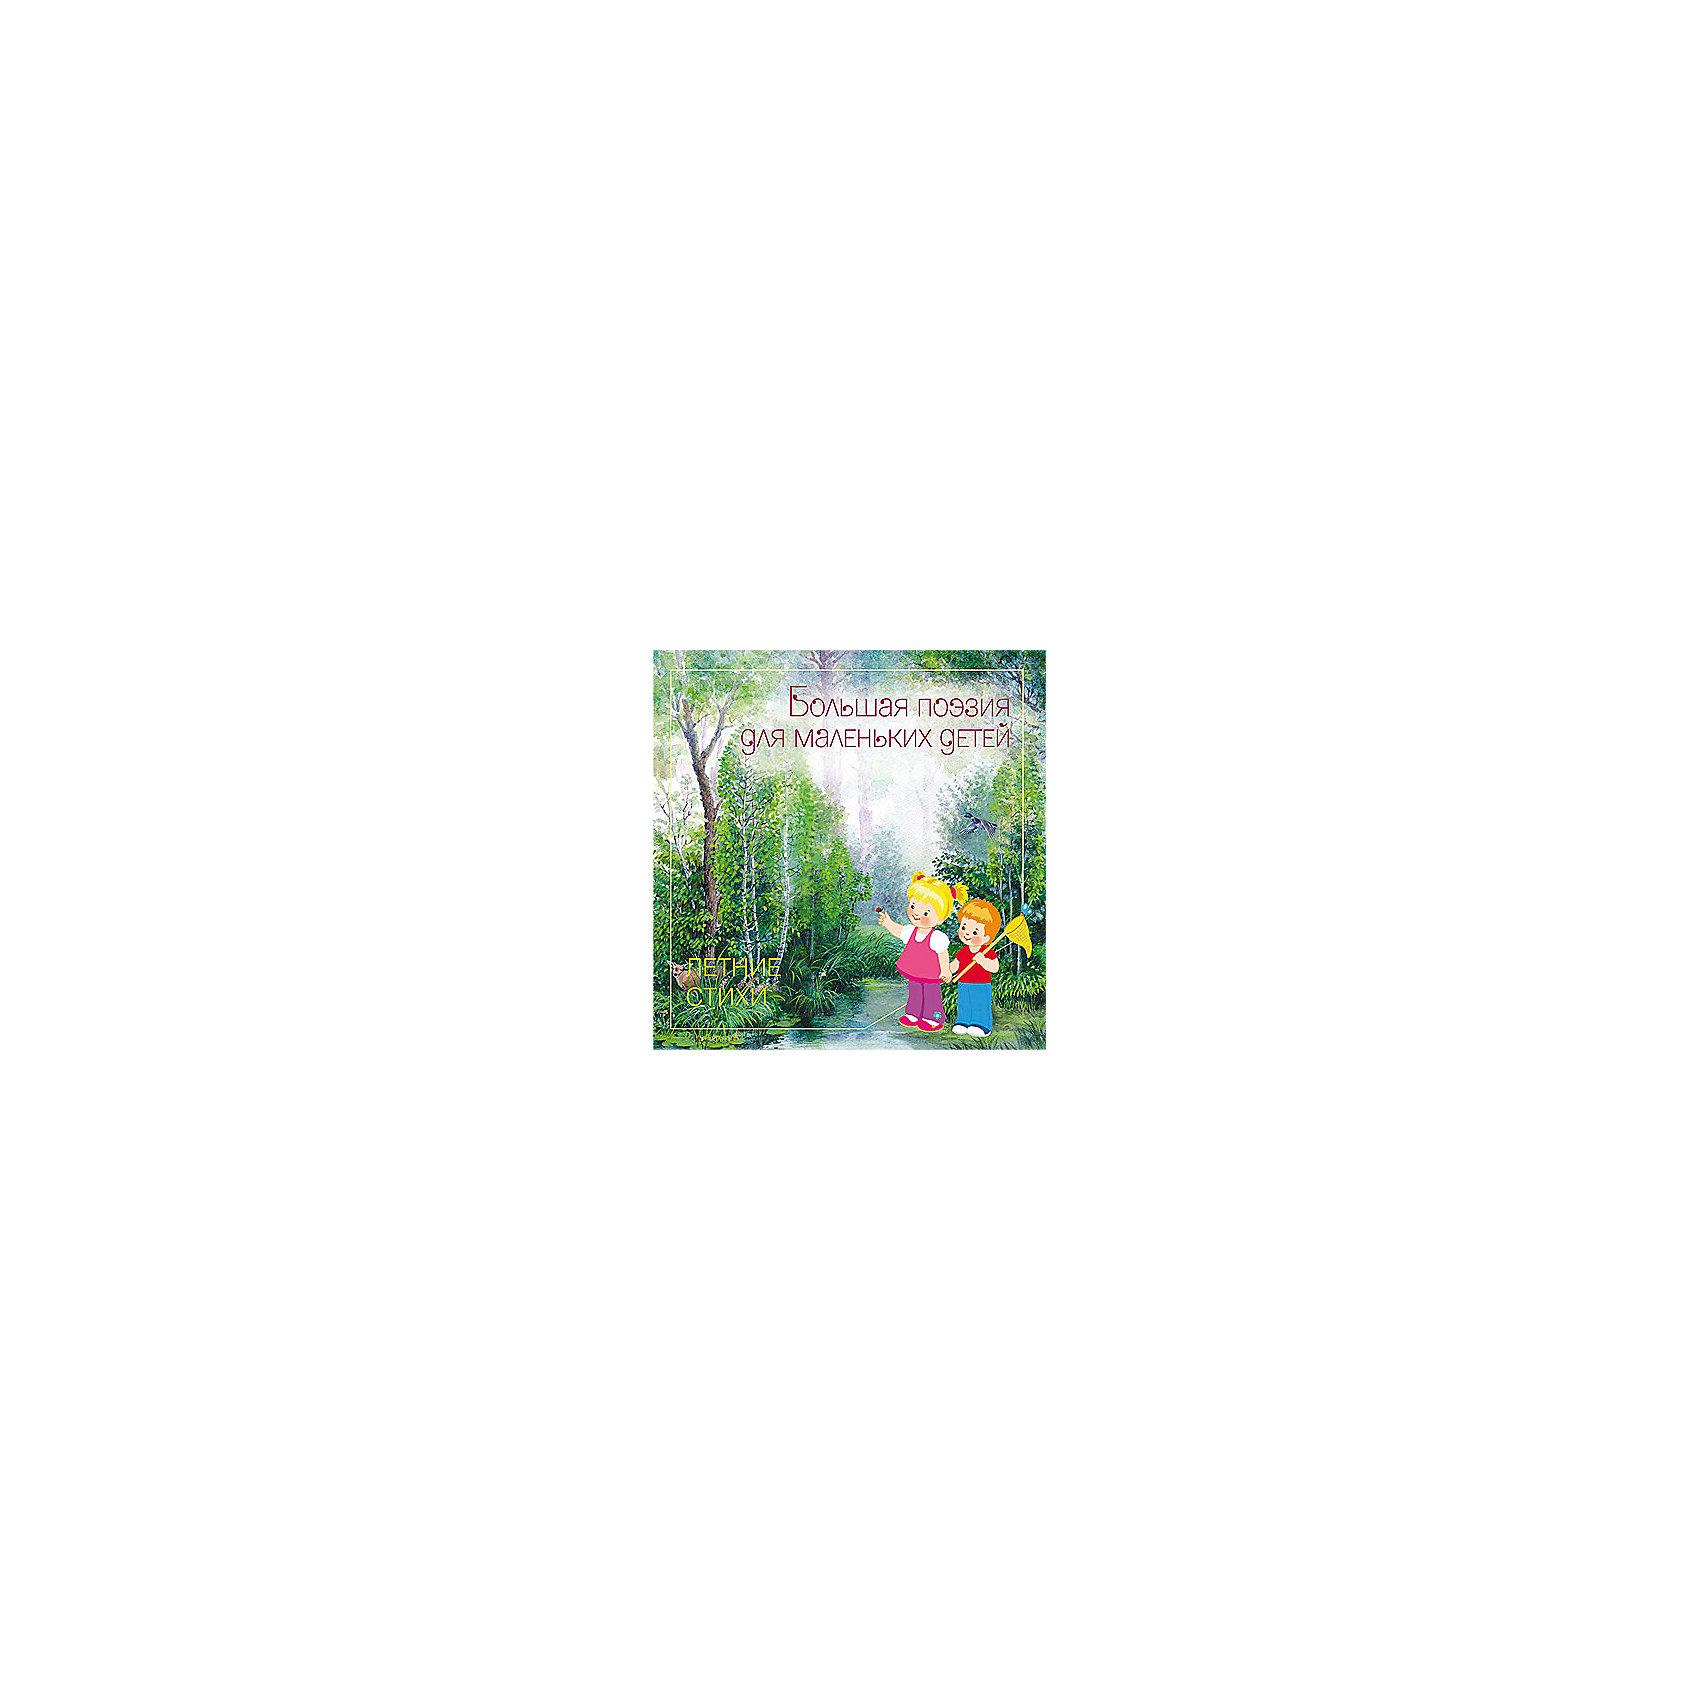 Сборник стихотворений русских классиков Летние стихиСтихи<br>Сборник стихотворений русских классиков Летние стихи.<br><br>Характеристики:<br><br>• Для детей в возрасте: от 3 до 9 лет<br>• Художник: Владимир Белоусов<br>• Издательство: Мозаика-Синтез, 2011<br>• Серия: Большая поэзия для маленьких детей<br>• Тип обложки: мягкий переплет (крепление скрепкой или клеем)<br>• Оформление: частичная лакировка<br>• Иллюстрации: цветные<br>• Количество страниц: 24 (мелованная)<br>• Размер: 290х290х2 мм.<br>• Вес: 190 гр.<br>• ISBN: 9785867757076<br><br>Сборник стихотворений Летние стихи – это большая поэзия для маленьких детей. На страницах этой книги собраны лучшие стихи русских классиков о лете. Это произведения Ф.И. Тютчева, Н.А. Некрасова, С.А. Есенина и других великих поэтов. Чтение принесет радость как малышам, для которых создана эта замечательная книга, так и взрослым. Книга богато и красочно оформлена. Каждый разворот – это великолепный акварельный пейзаж. На его фоне крупным, хорошо читаемым шрифтом напечатано стихотворение. <br><br>Сборник стихотворений русских классиков Летние стихи можно купить в нашем интернет-магазине.<br><br>Ширина мм: 200<br>Глубина мм: 290<br>Высота мм: 290<br>Вес г: 190<br>Возраст от месяцев: 36<br>Возраст до месяцев: 84<br>Пол: Унисекс<br>Возраст: Детский<br>SKU: 5523221